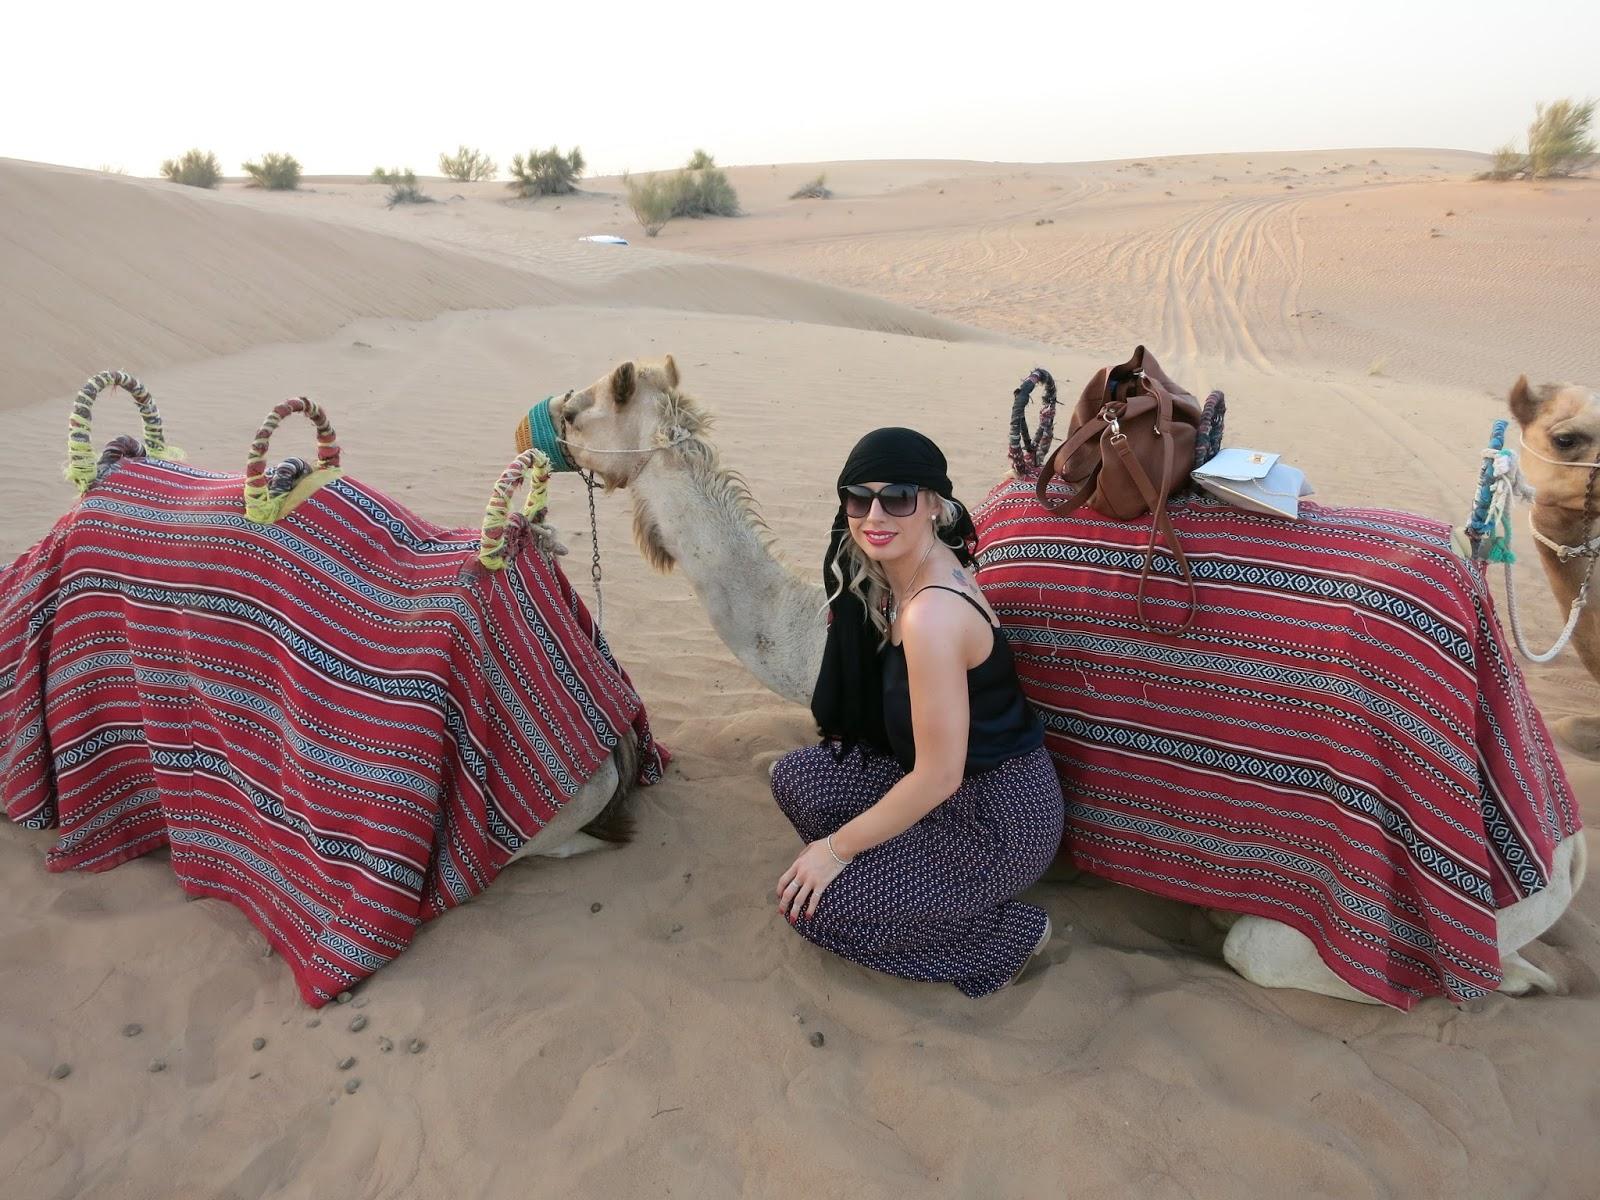 platinum heritage camel ride dubai